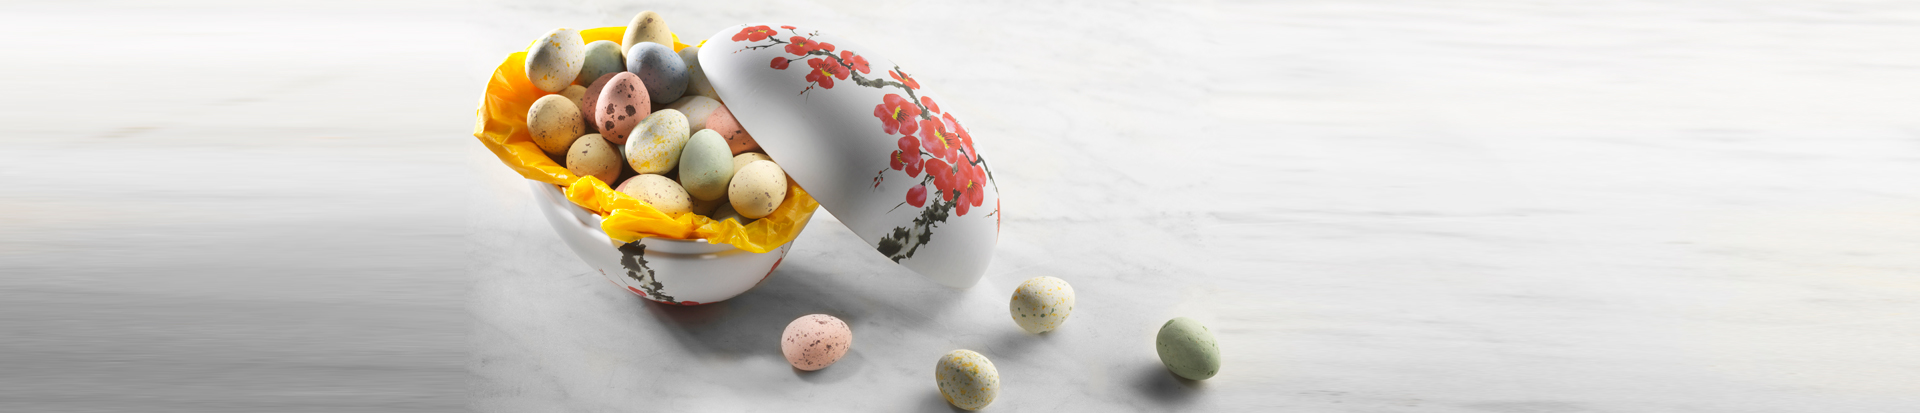 Metalegg dekorert med japanske kirsebærblomster, fylt med belgiske chokoladeegg 220g